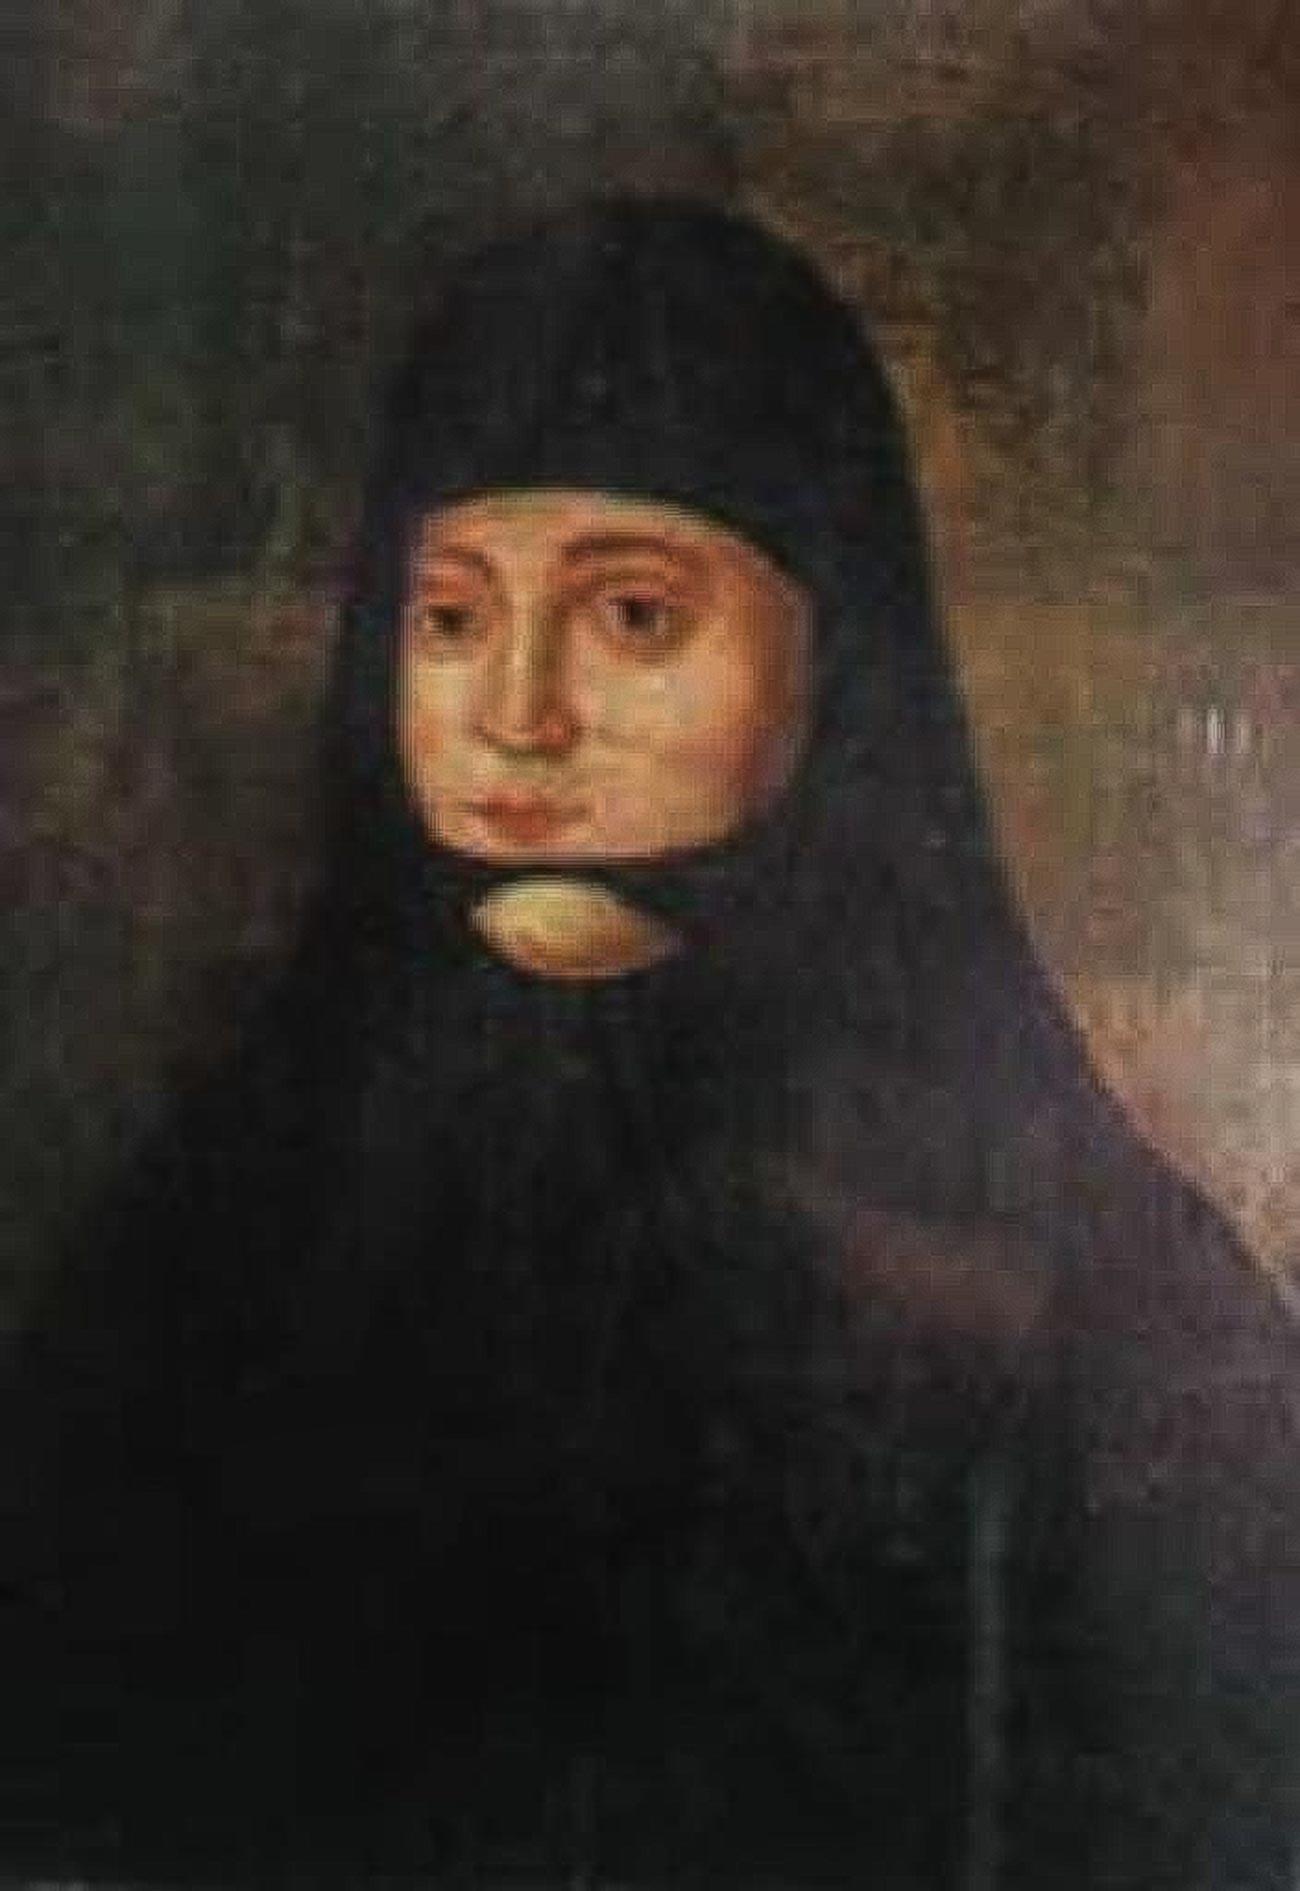 ソロモニヤ・サブーロワ、スーズダリのポクロフスキー女子修道院の修道女